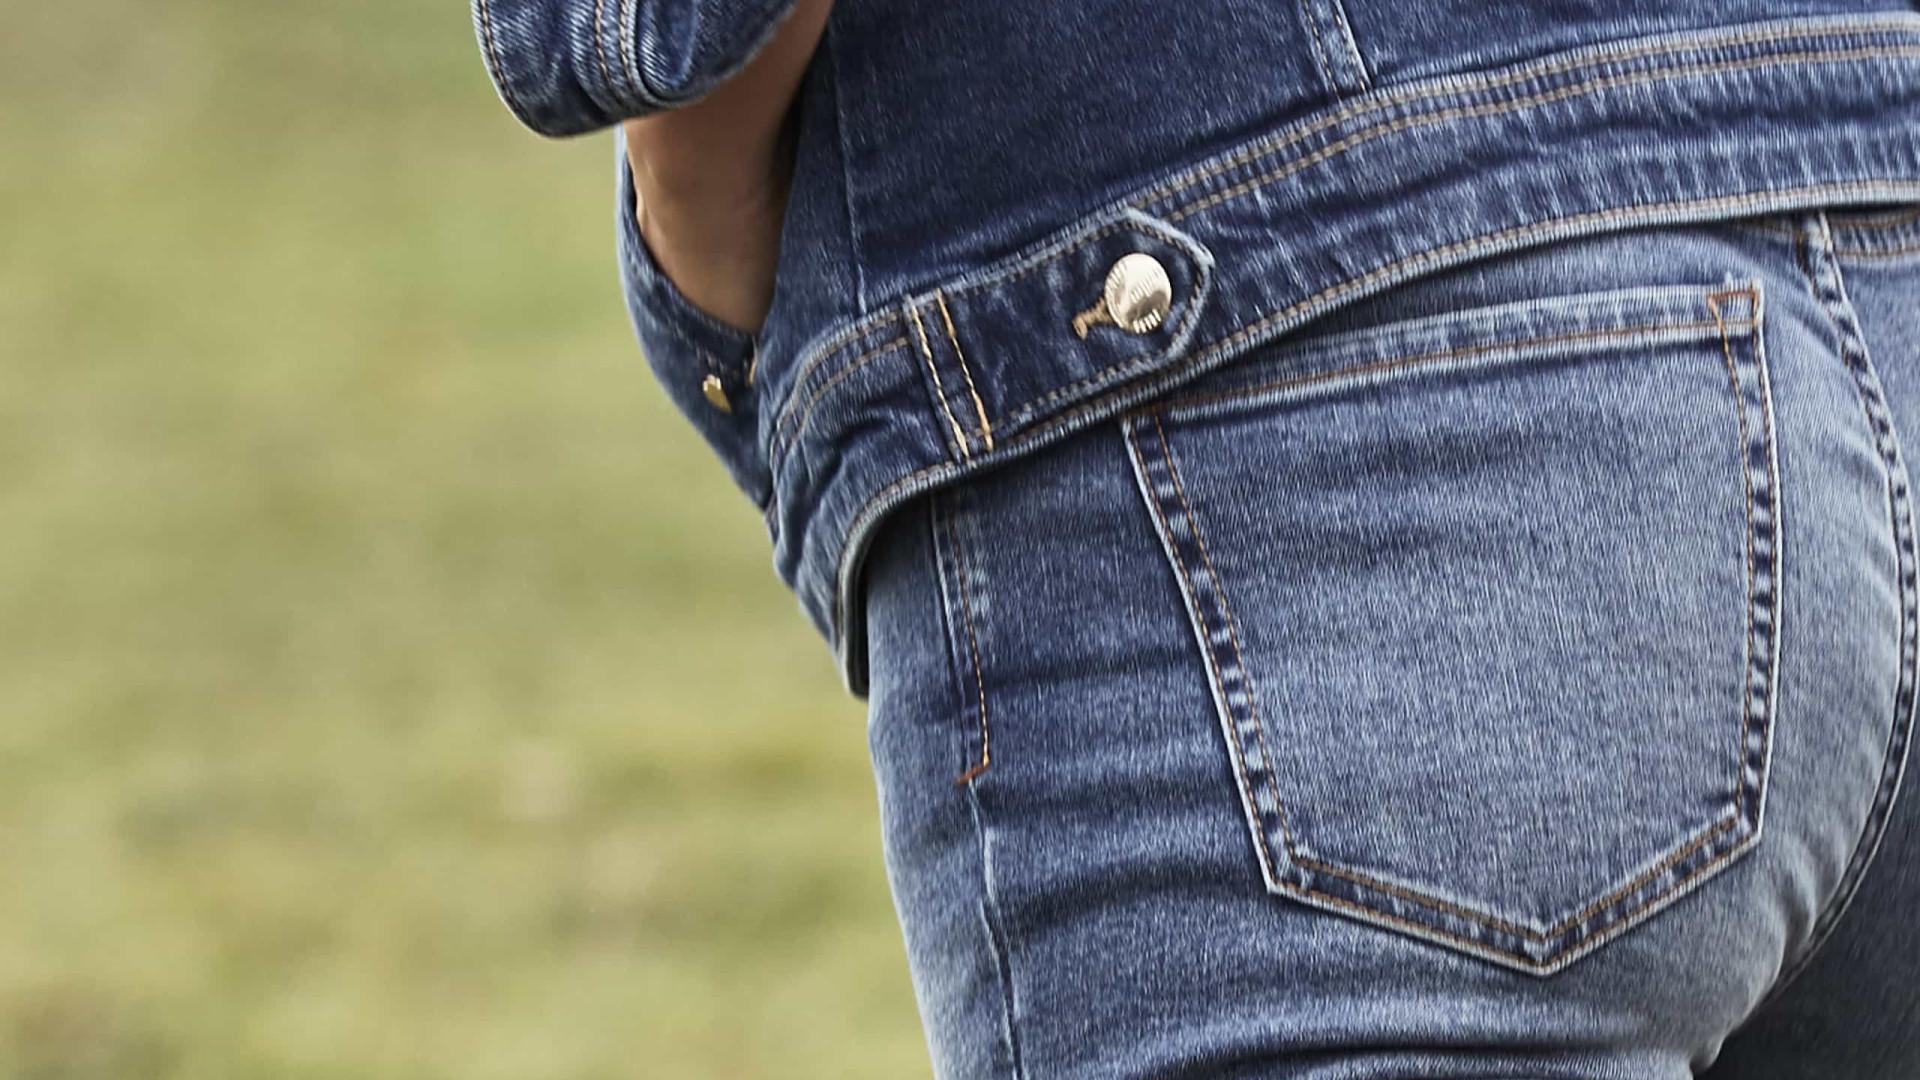 Moda sustentável: Cortefiel lança coleção de jeans 'Responsible Wash'